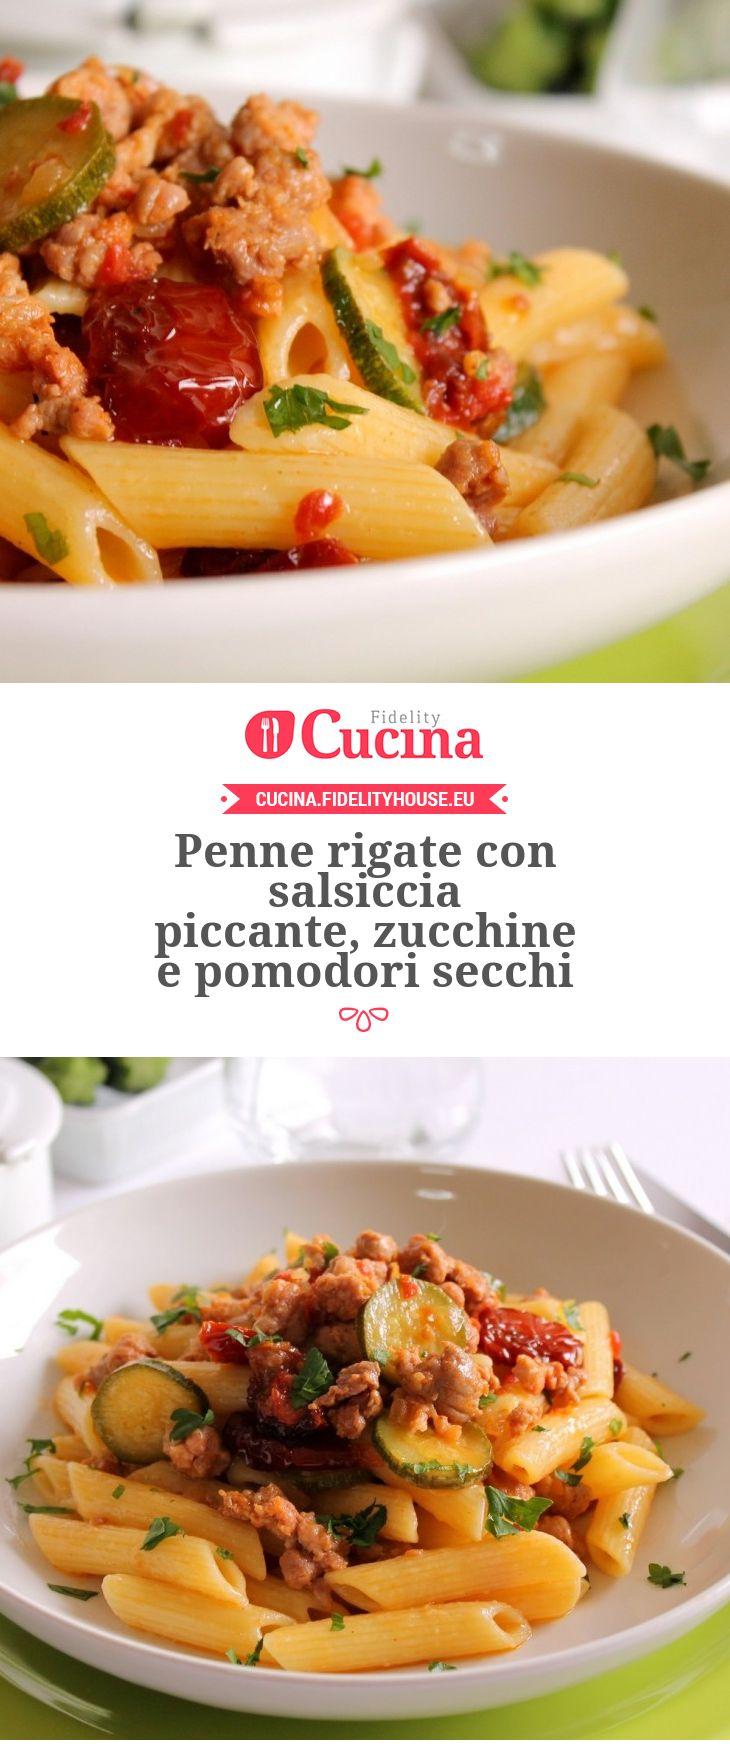 Penne rigate con salsiccia piccante, zucchine e pomodori secchi della nostra utente Giovanna. Unisciti alla nostra Community ed invia le tue ricette!